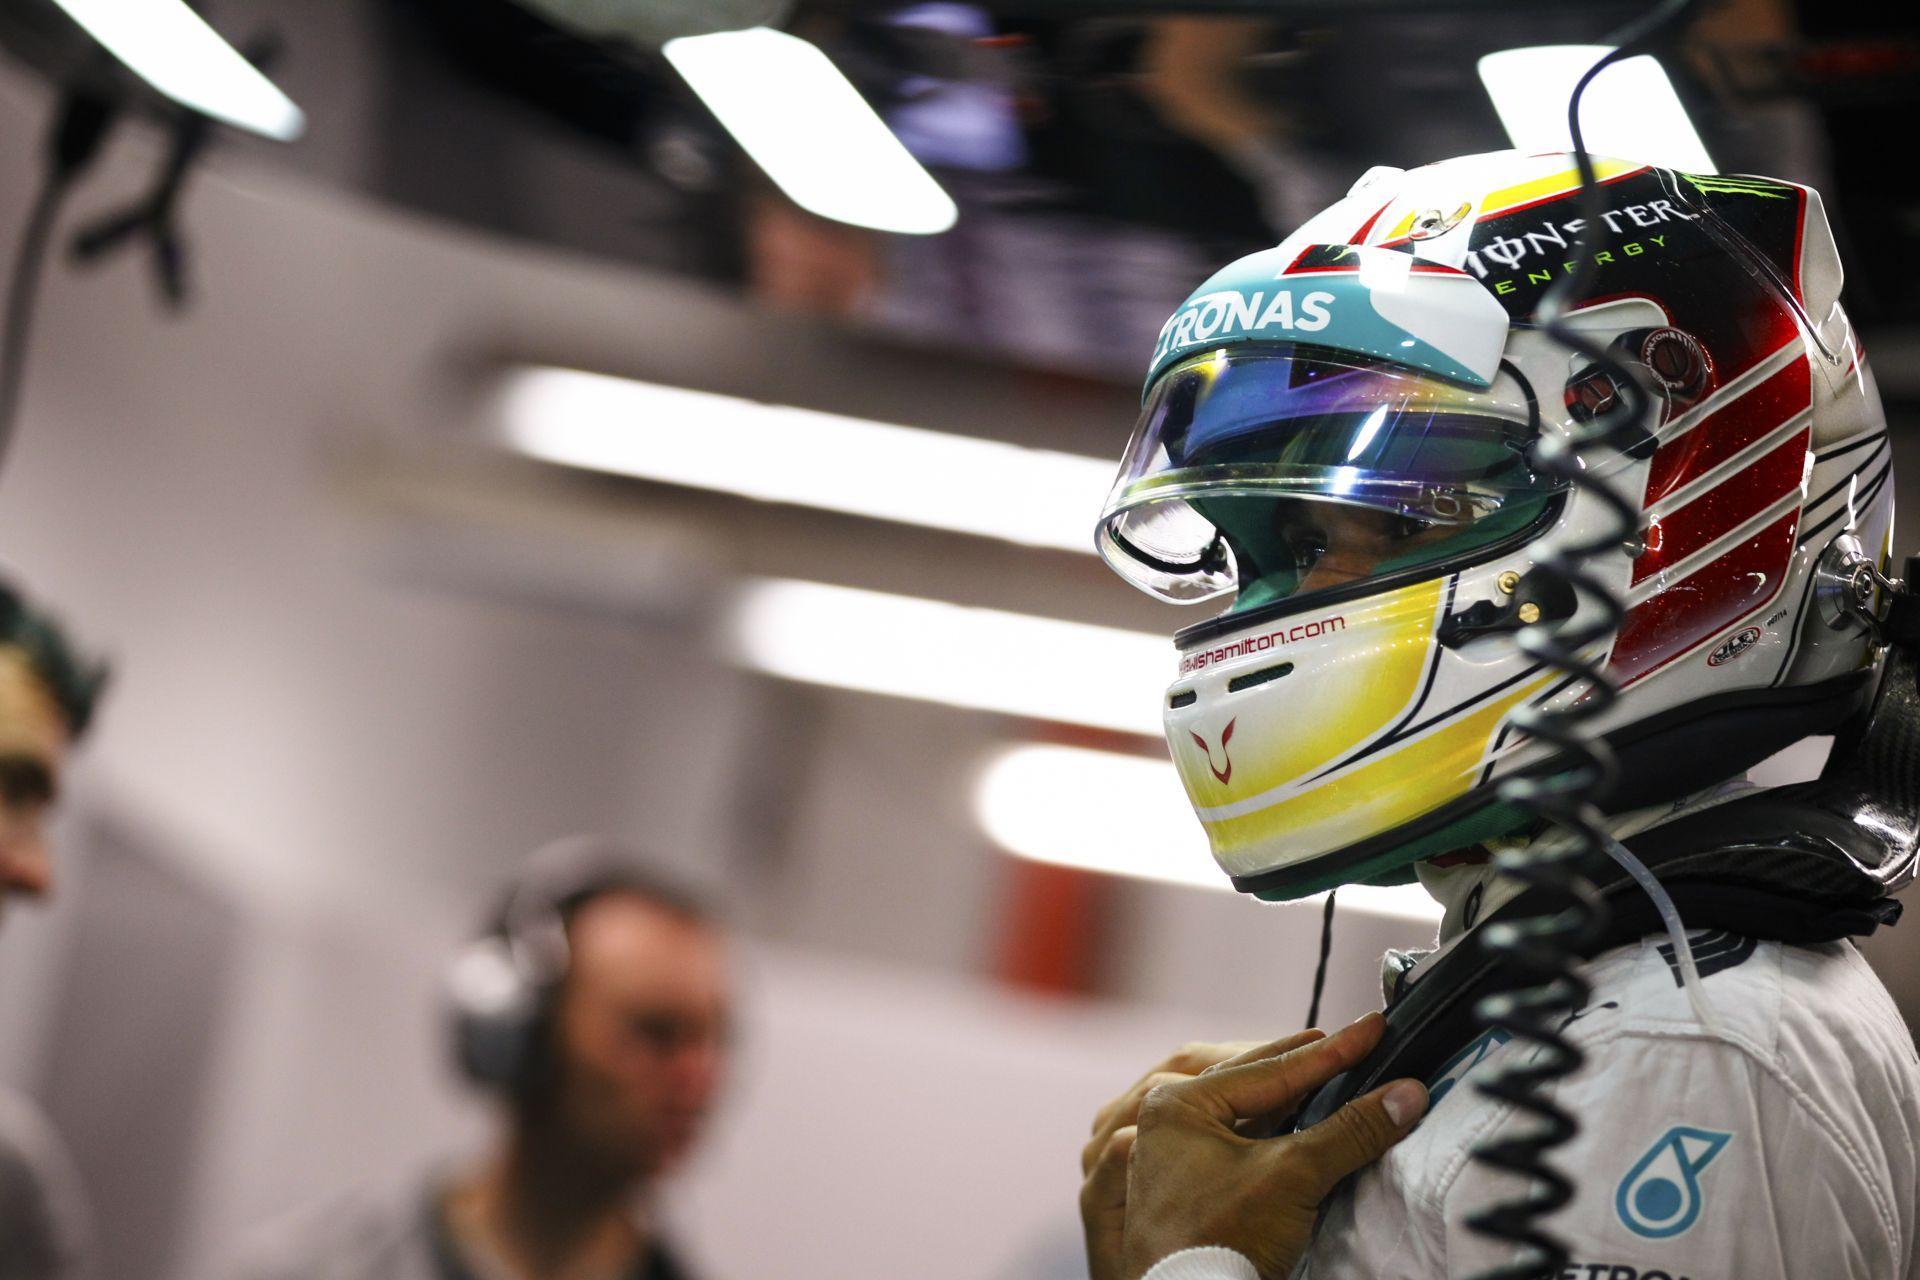 Hamilton megnyerte a Szingapúri Nagydíjat és már ő vezeti a világbajnokságot! Rosberg nullázása és drámája az éjszakai versenyen